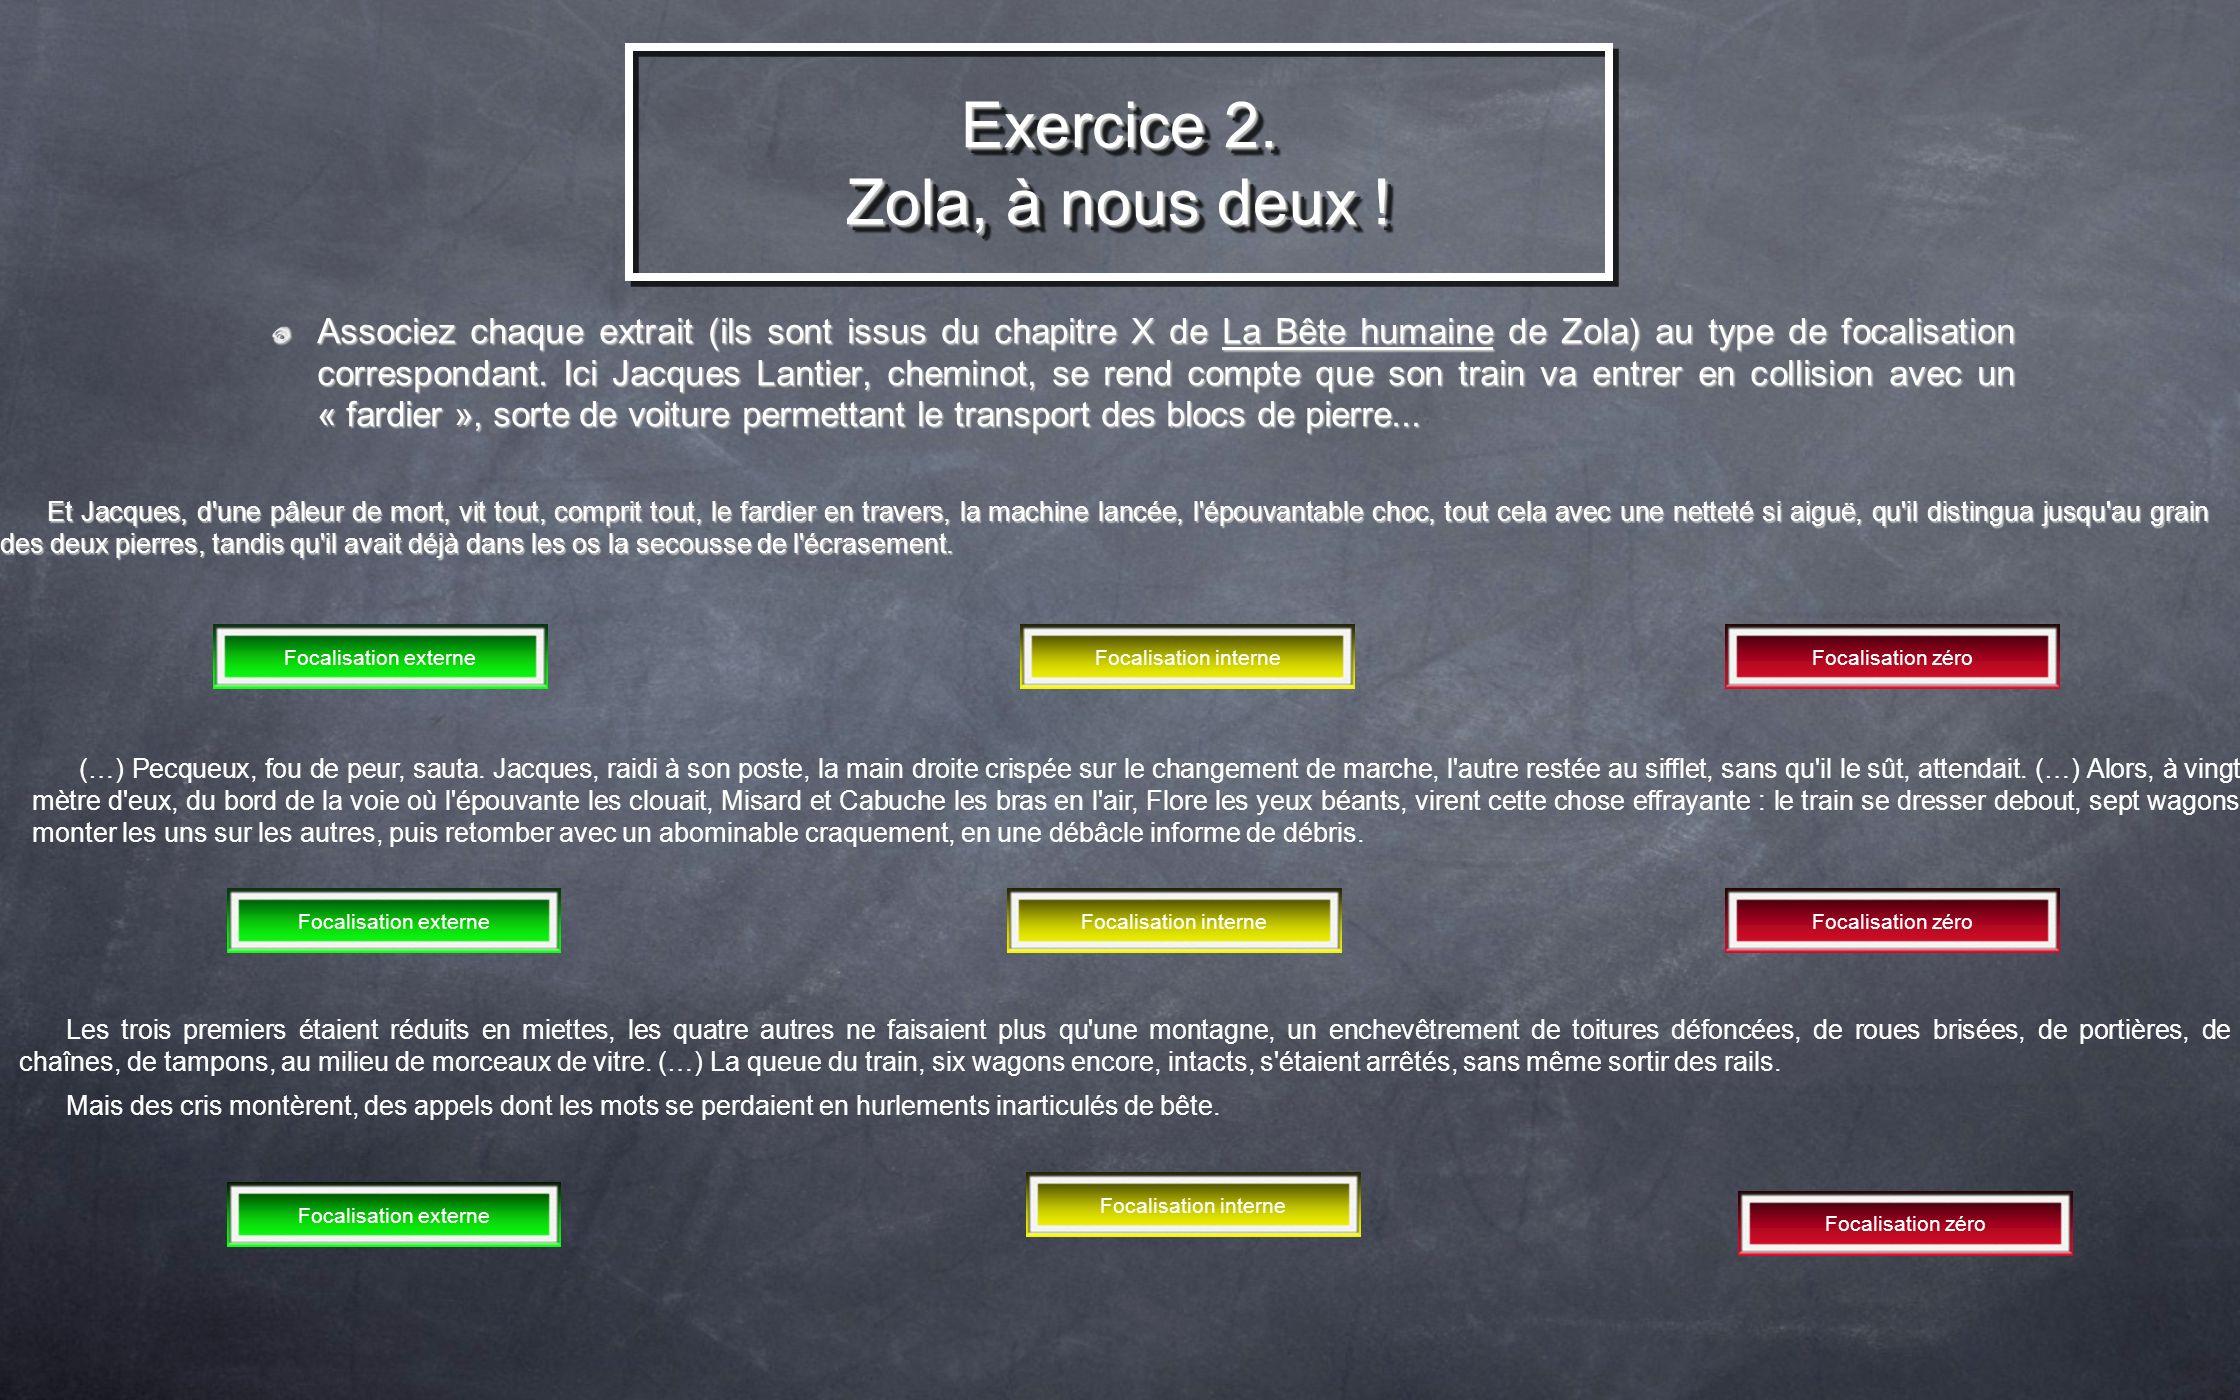 Exercice 2. Zola, à nous deux !